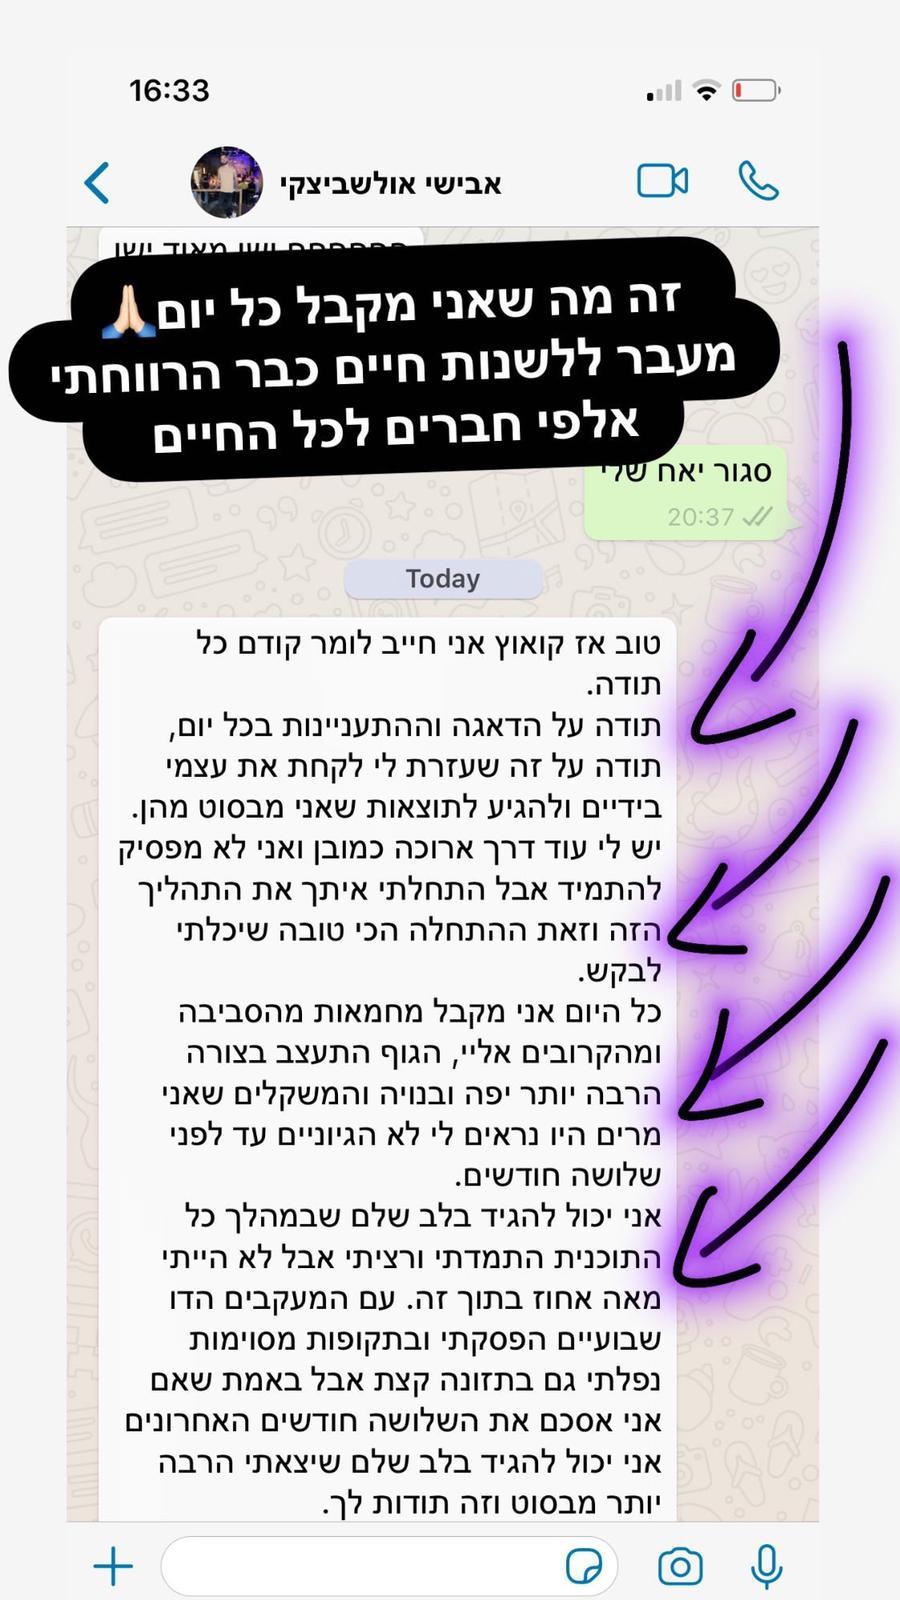 WhatsApp Image 2021-06-02 at 20.51.00